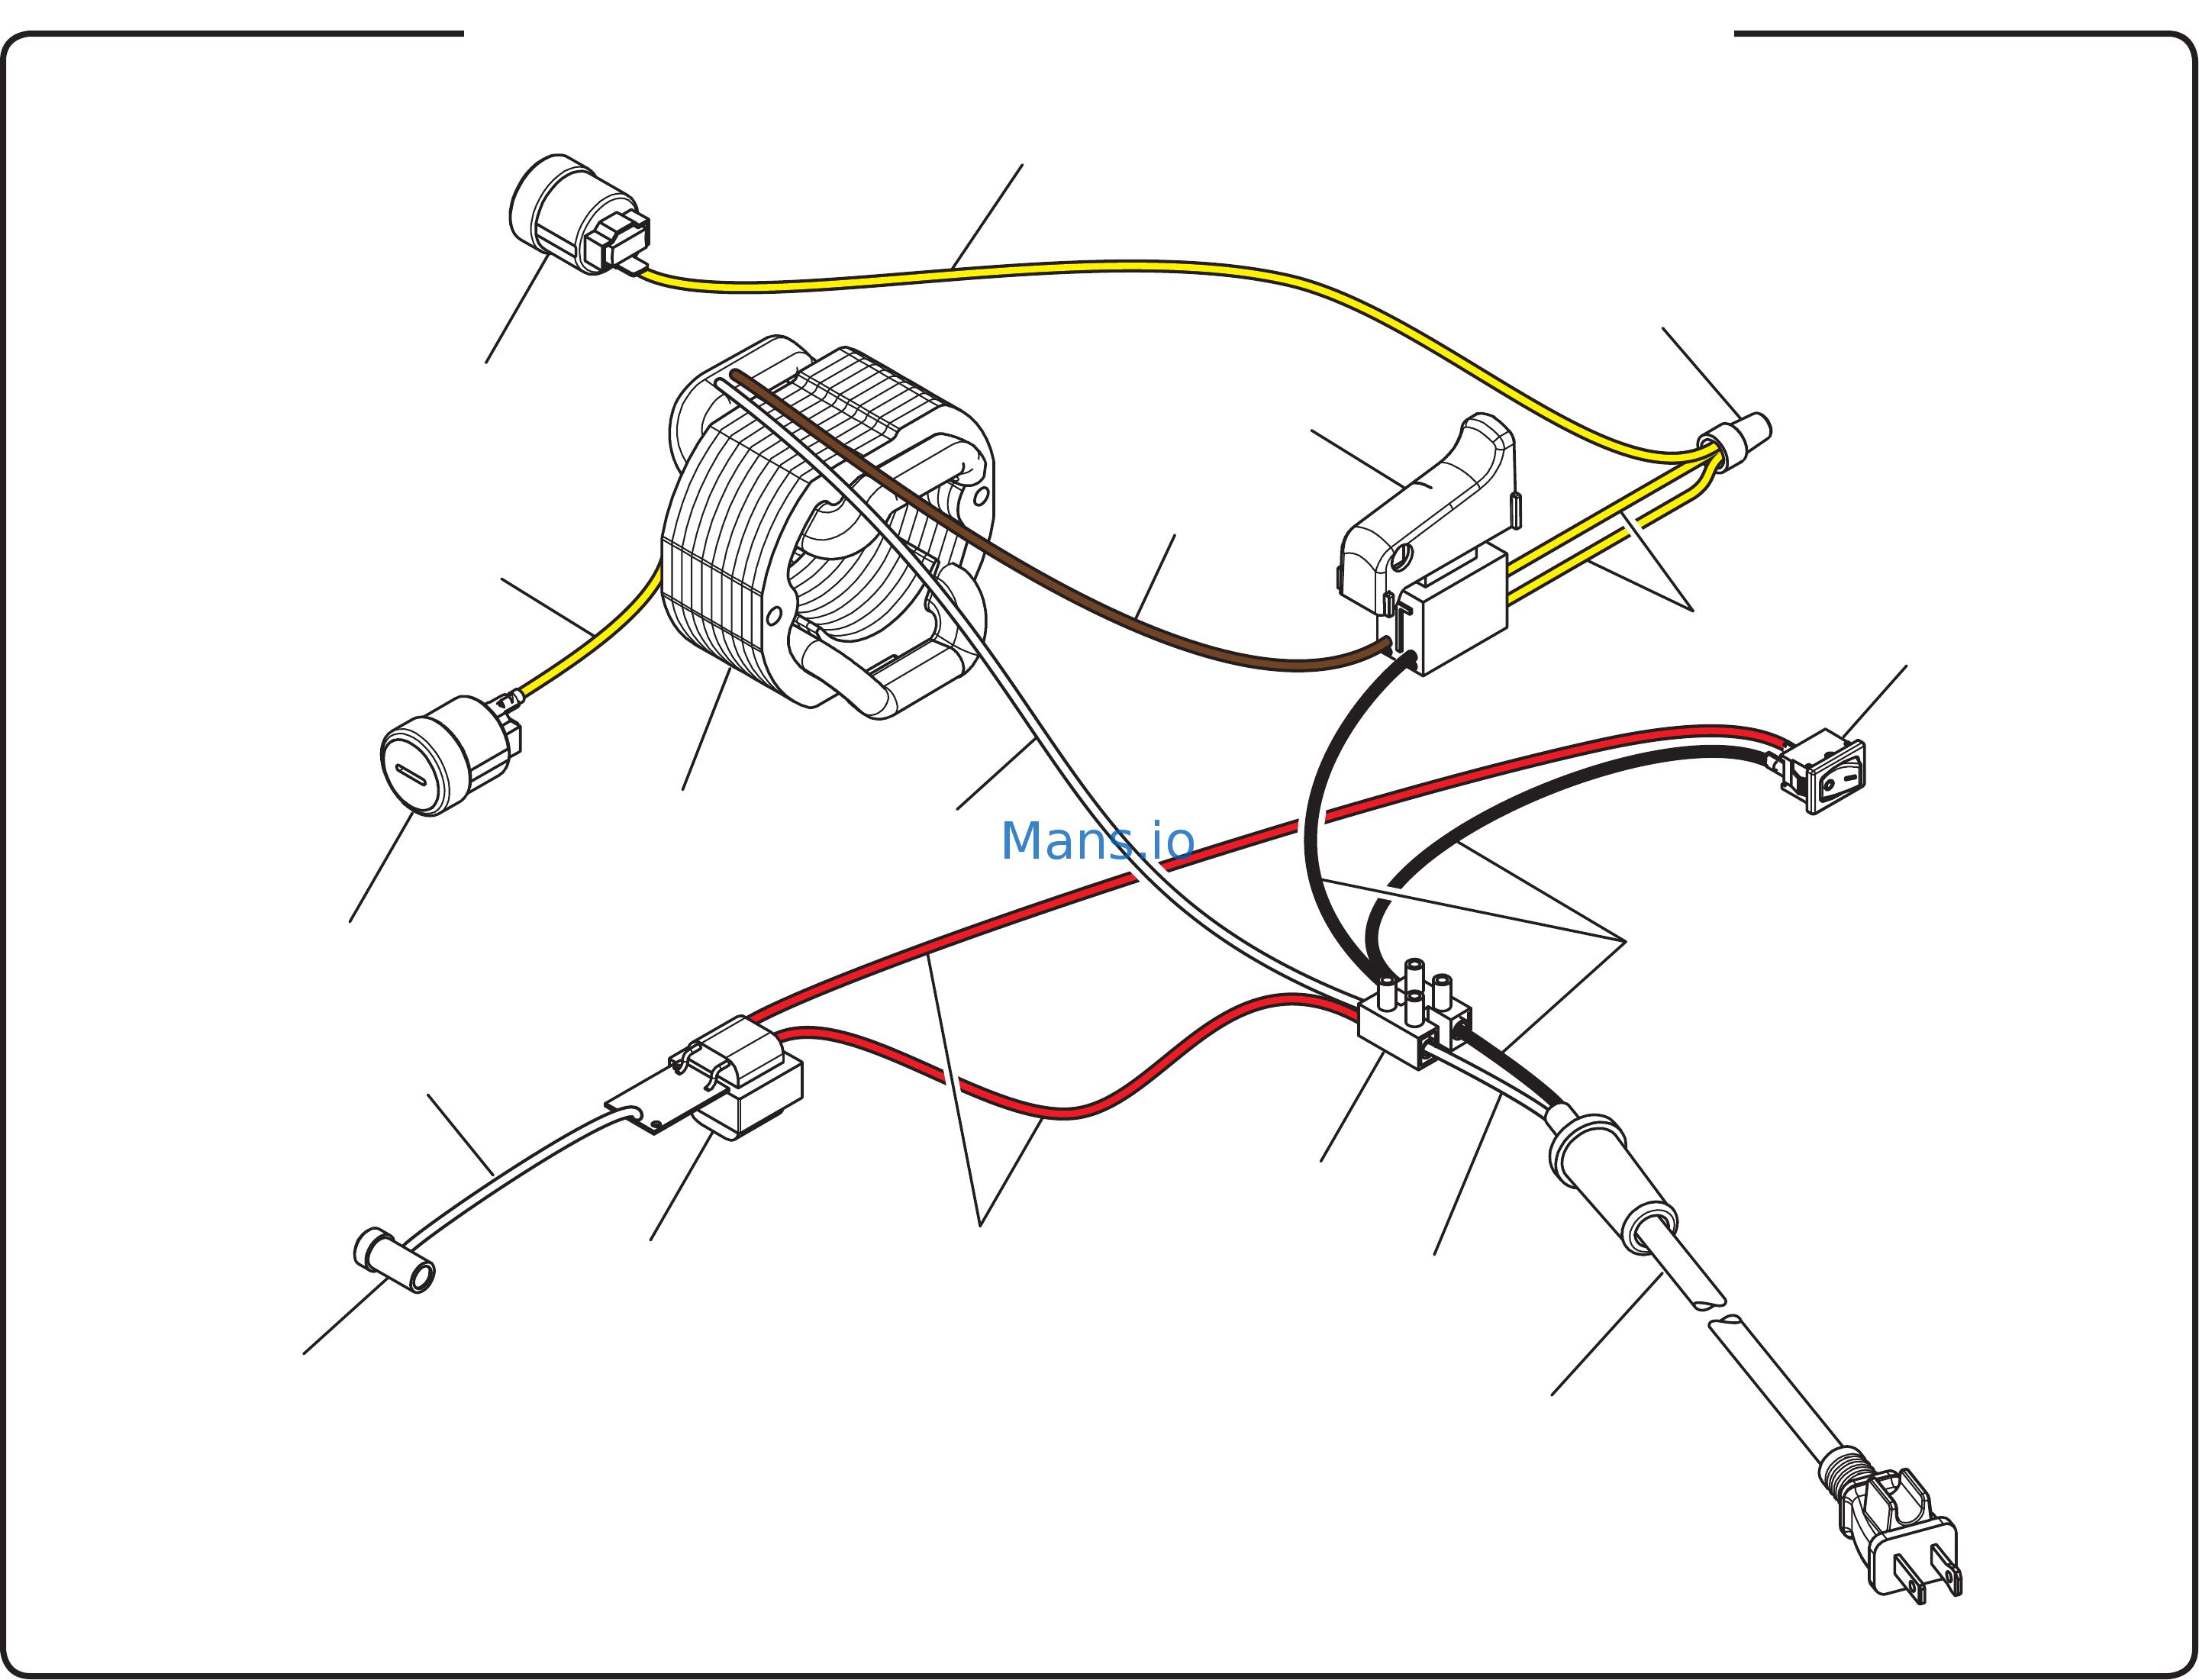 9 Lead Motor Wiring Diagram